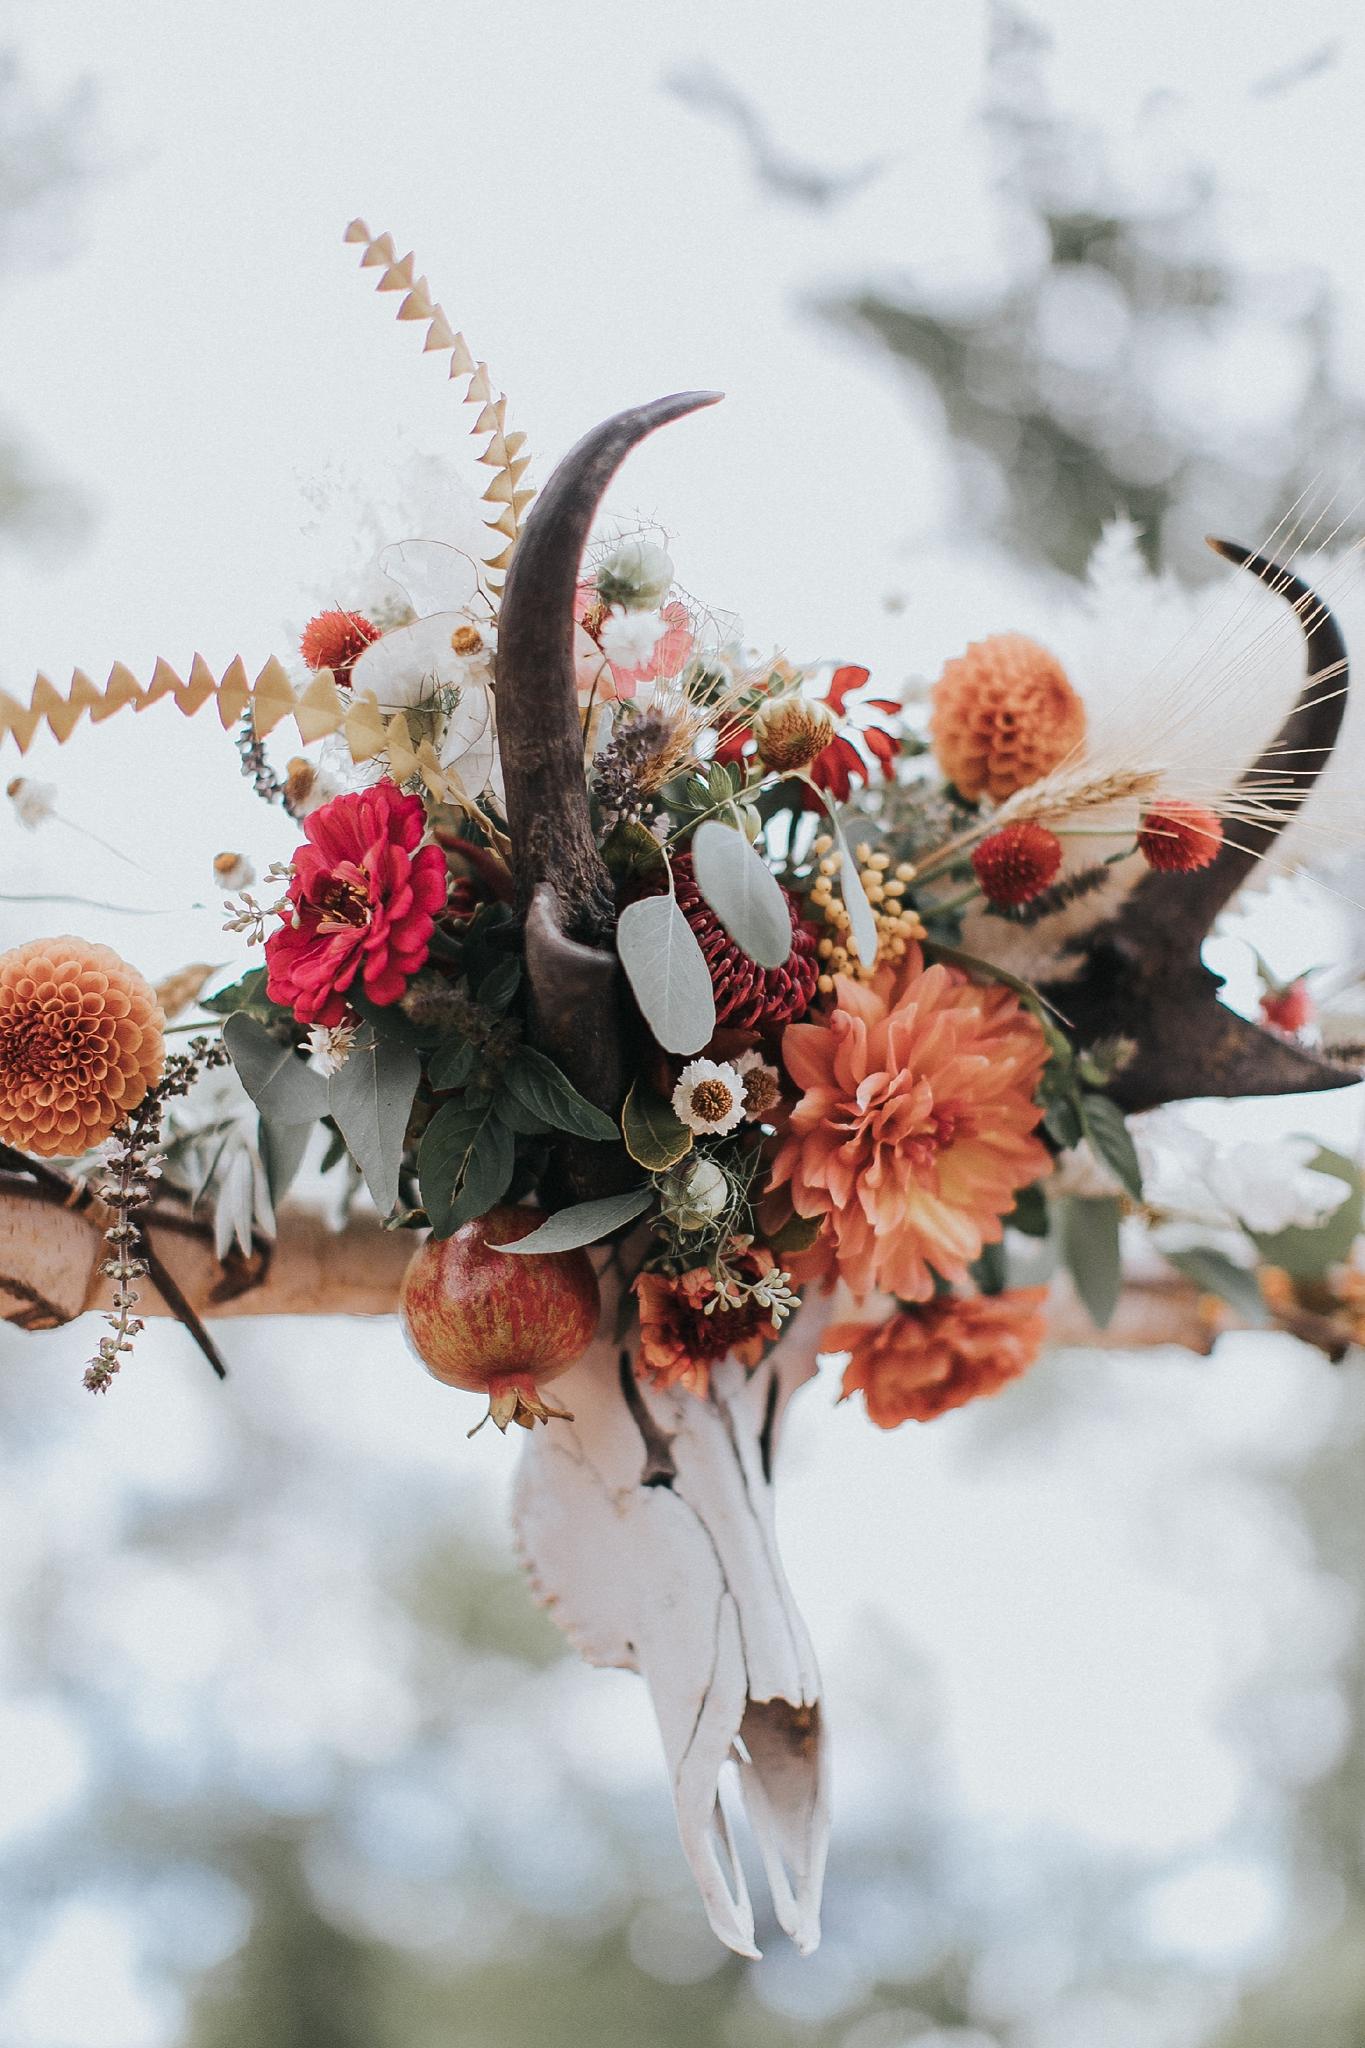 Alicia+lucia+photography+-+albuquerque+wedding+photographer+-+santa+fe+wedding+photography+-+new+mexico+wedding+photographer+-+new+mexico+wedding+-+new+mexico+wedding+-+wedding+florals+-+desert+wedding+-+wedding+trends_0063.jpg